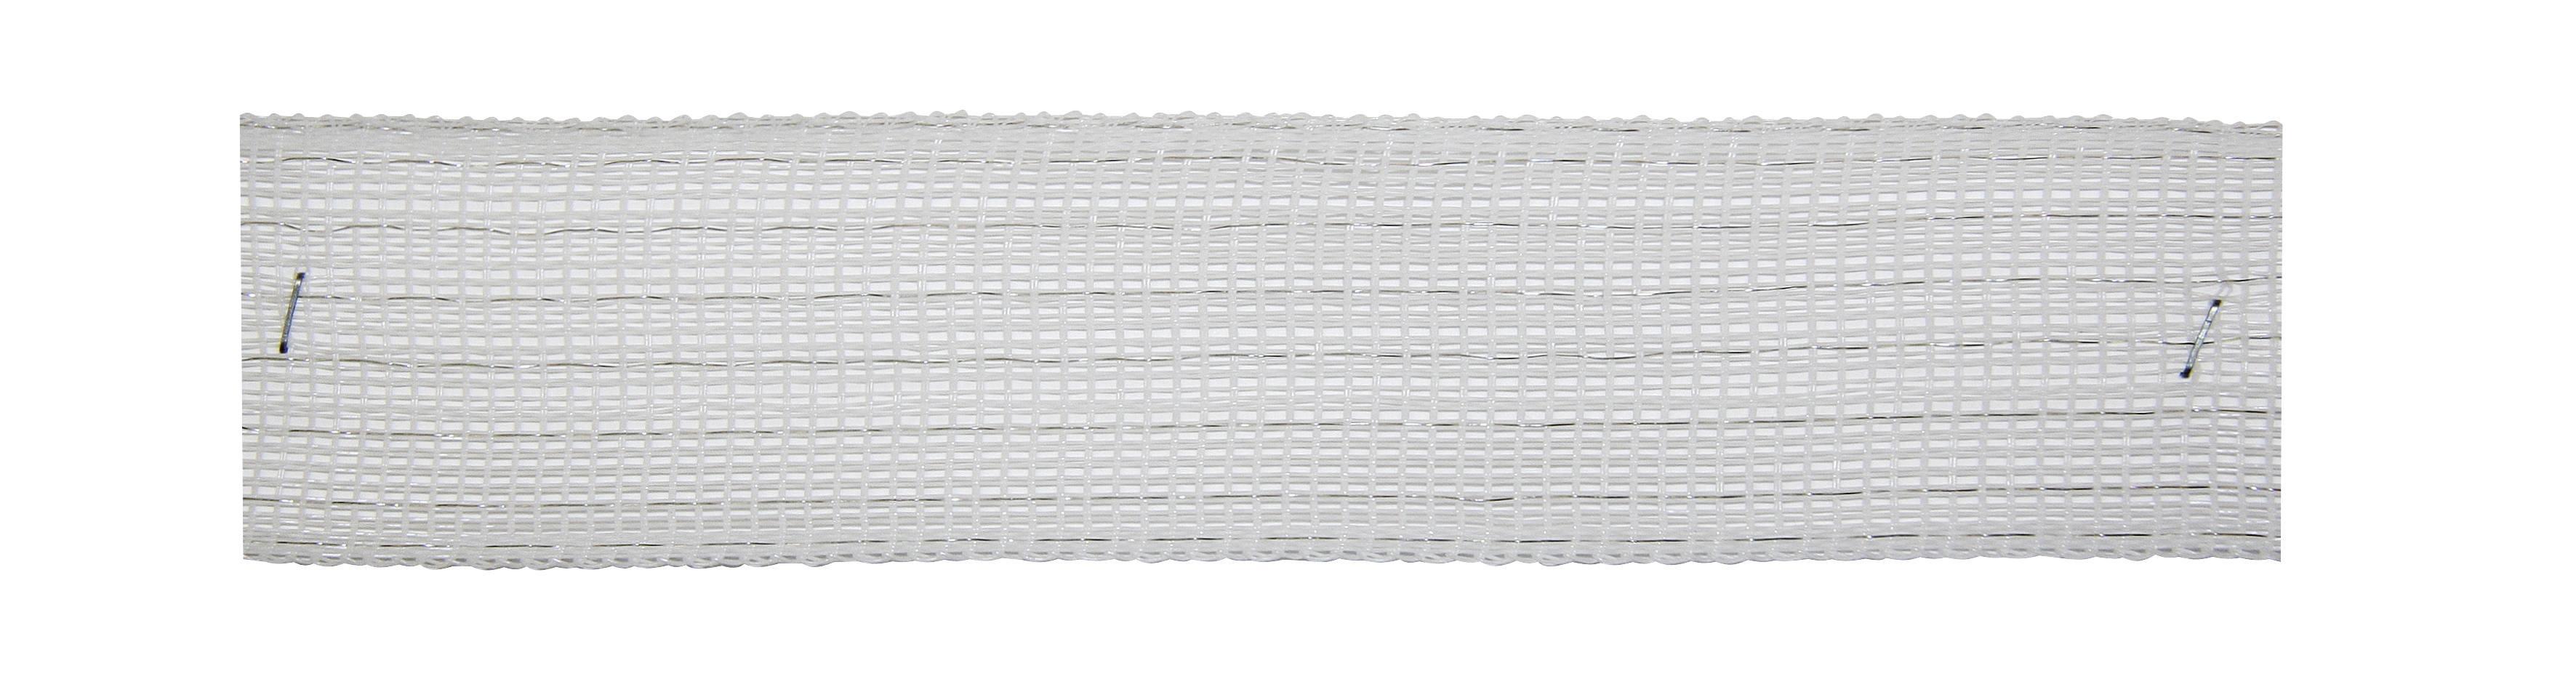 200 Meter Weidezaunband 40 mm,8 Niro,weiss